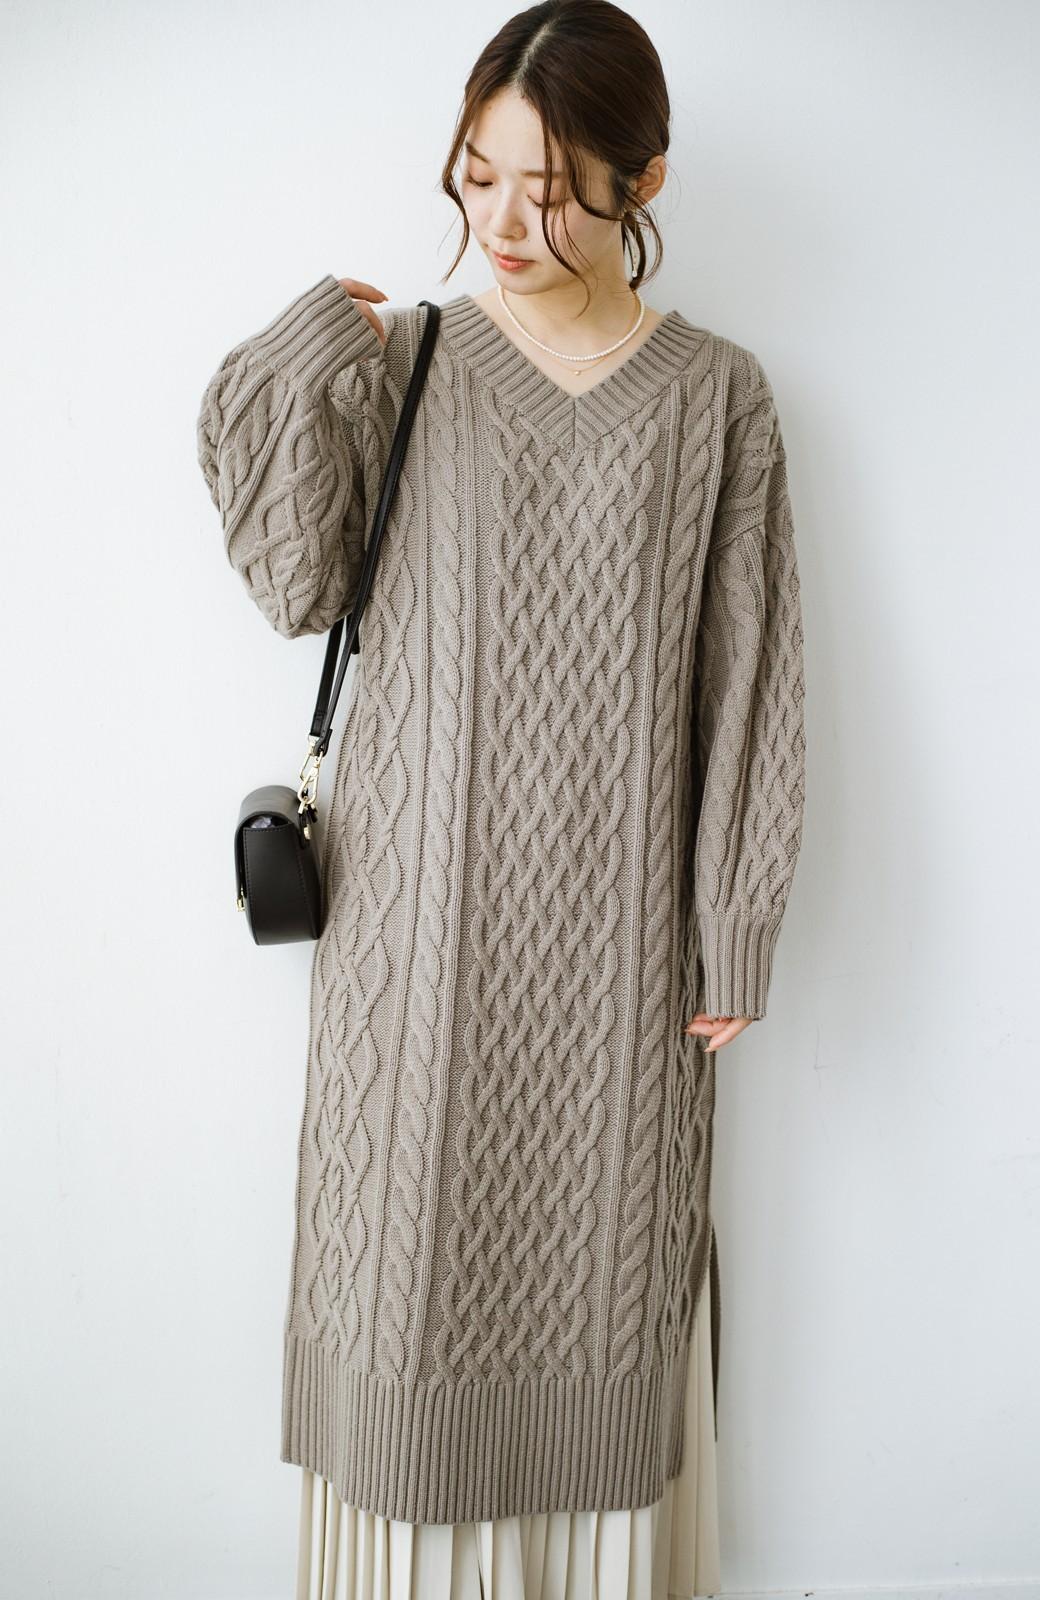 haco! パッと着て絶妙に女っぽい 重ね着にも便利なケーブルニットワンピース <グレイッシュベージュ>の商品写真4